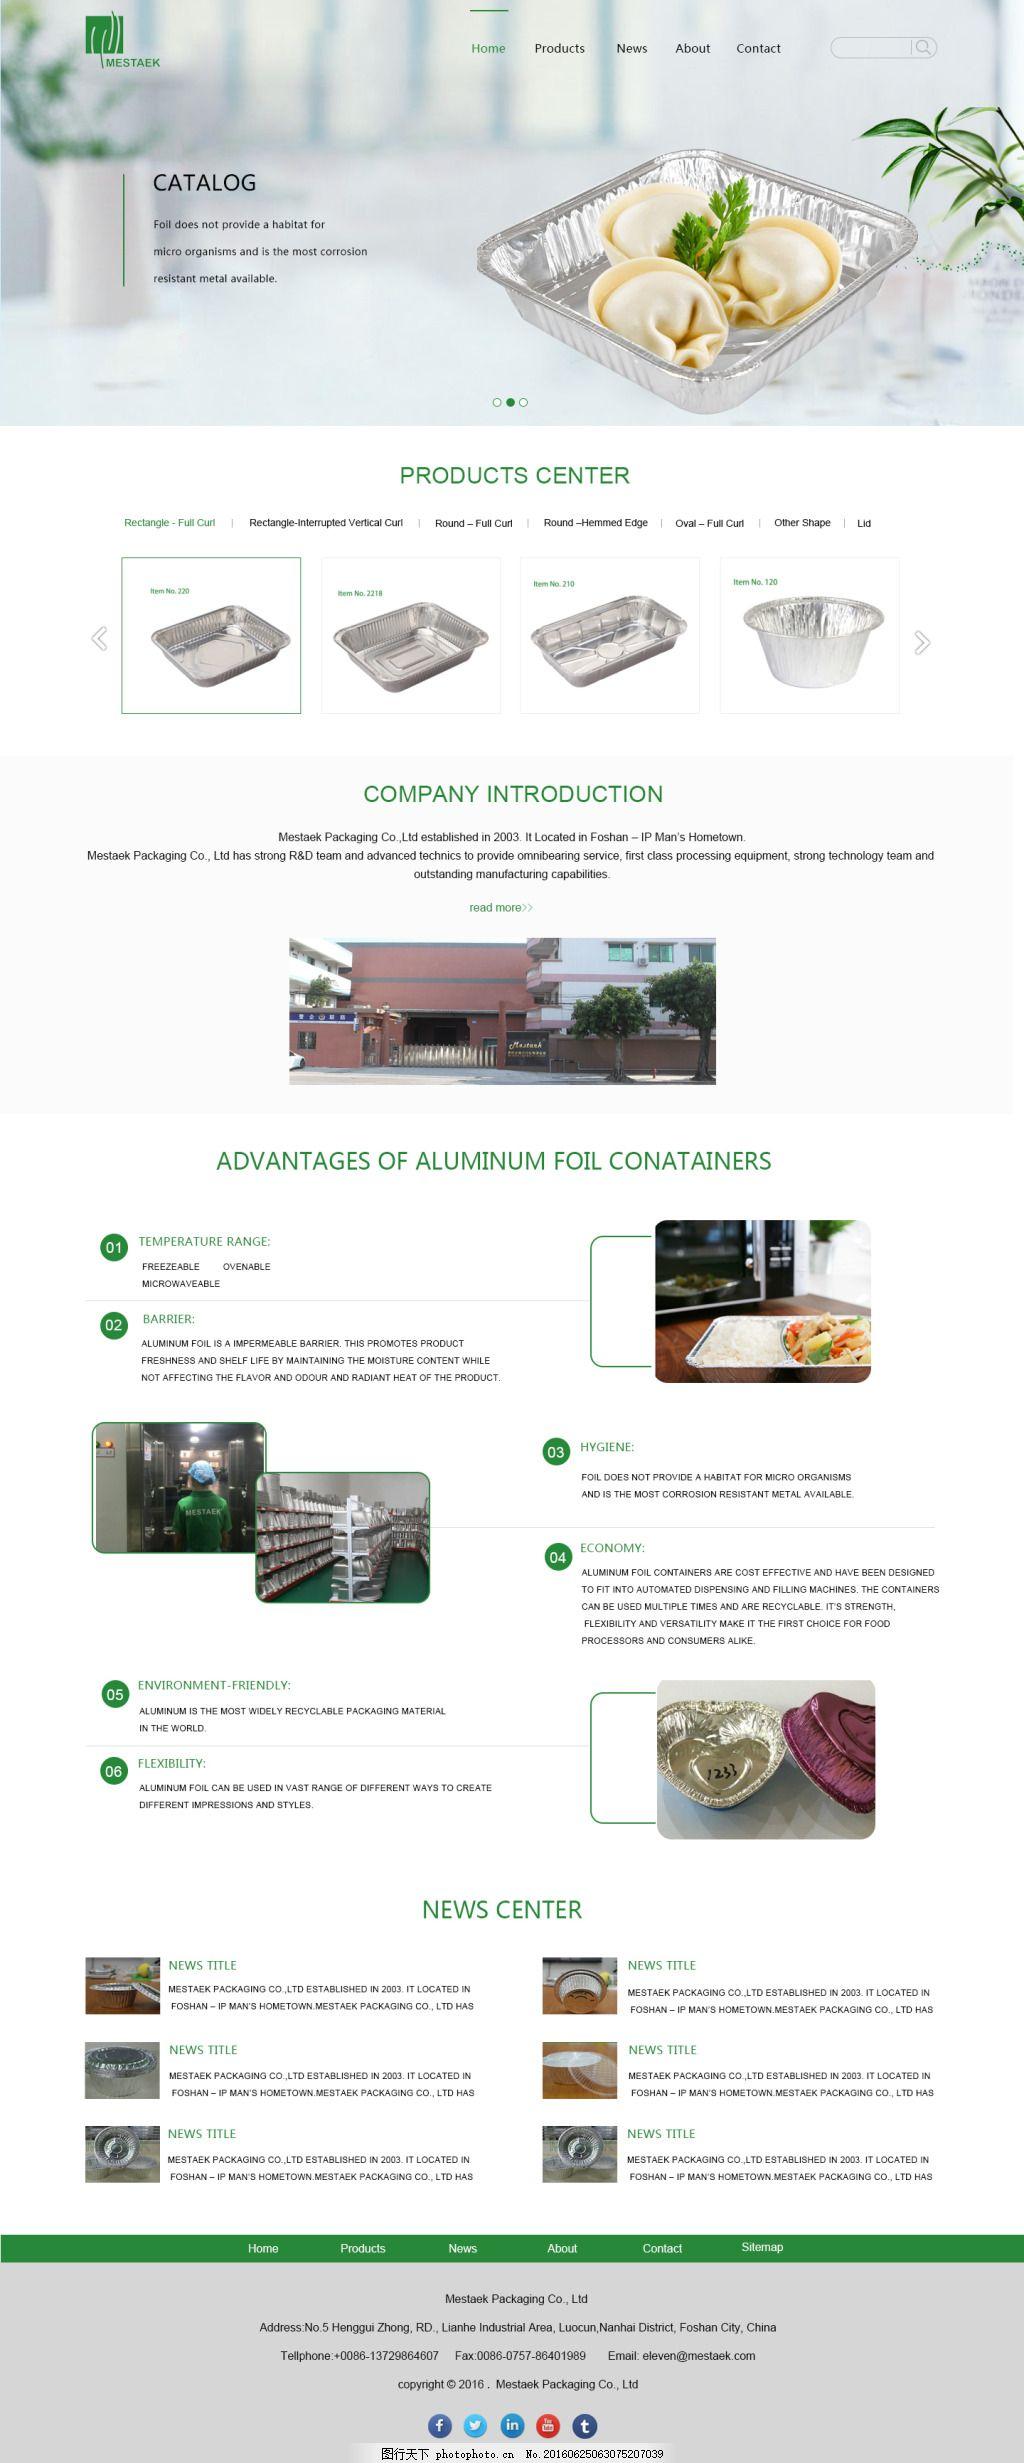 外贸商品网页 外贸网站 英文 绿色 餐盒网页设计 简约